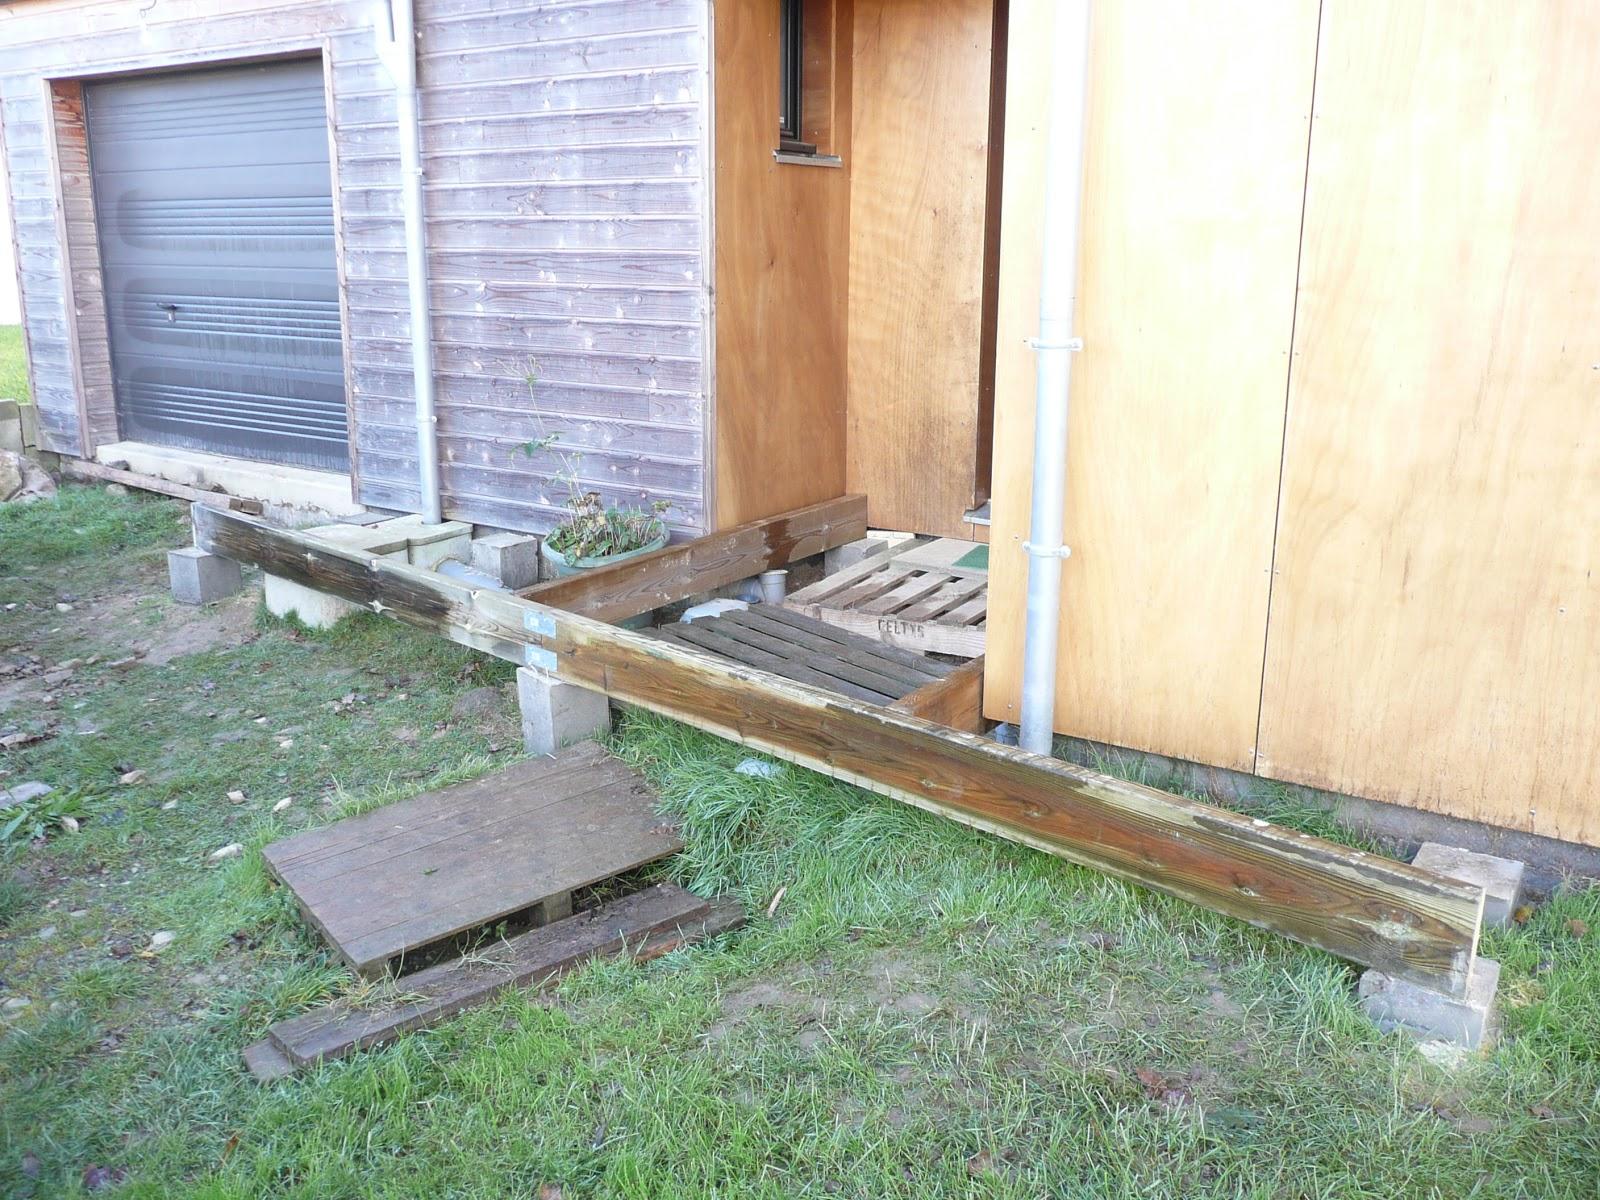 Notre maison en bois terrasse bois entree for Terrasse entree maison